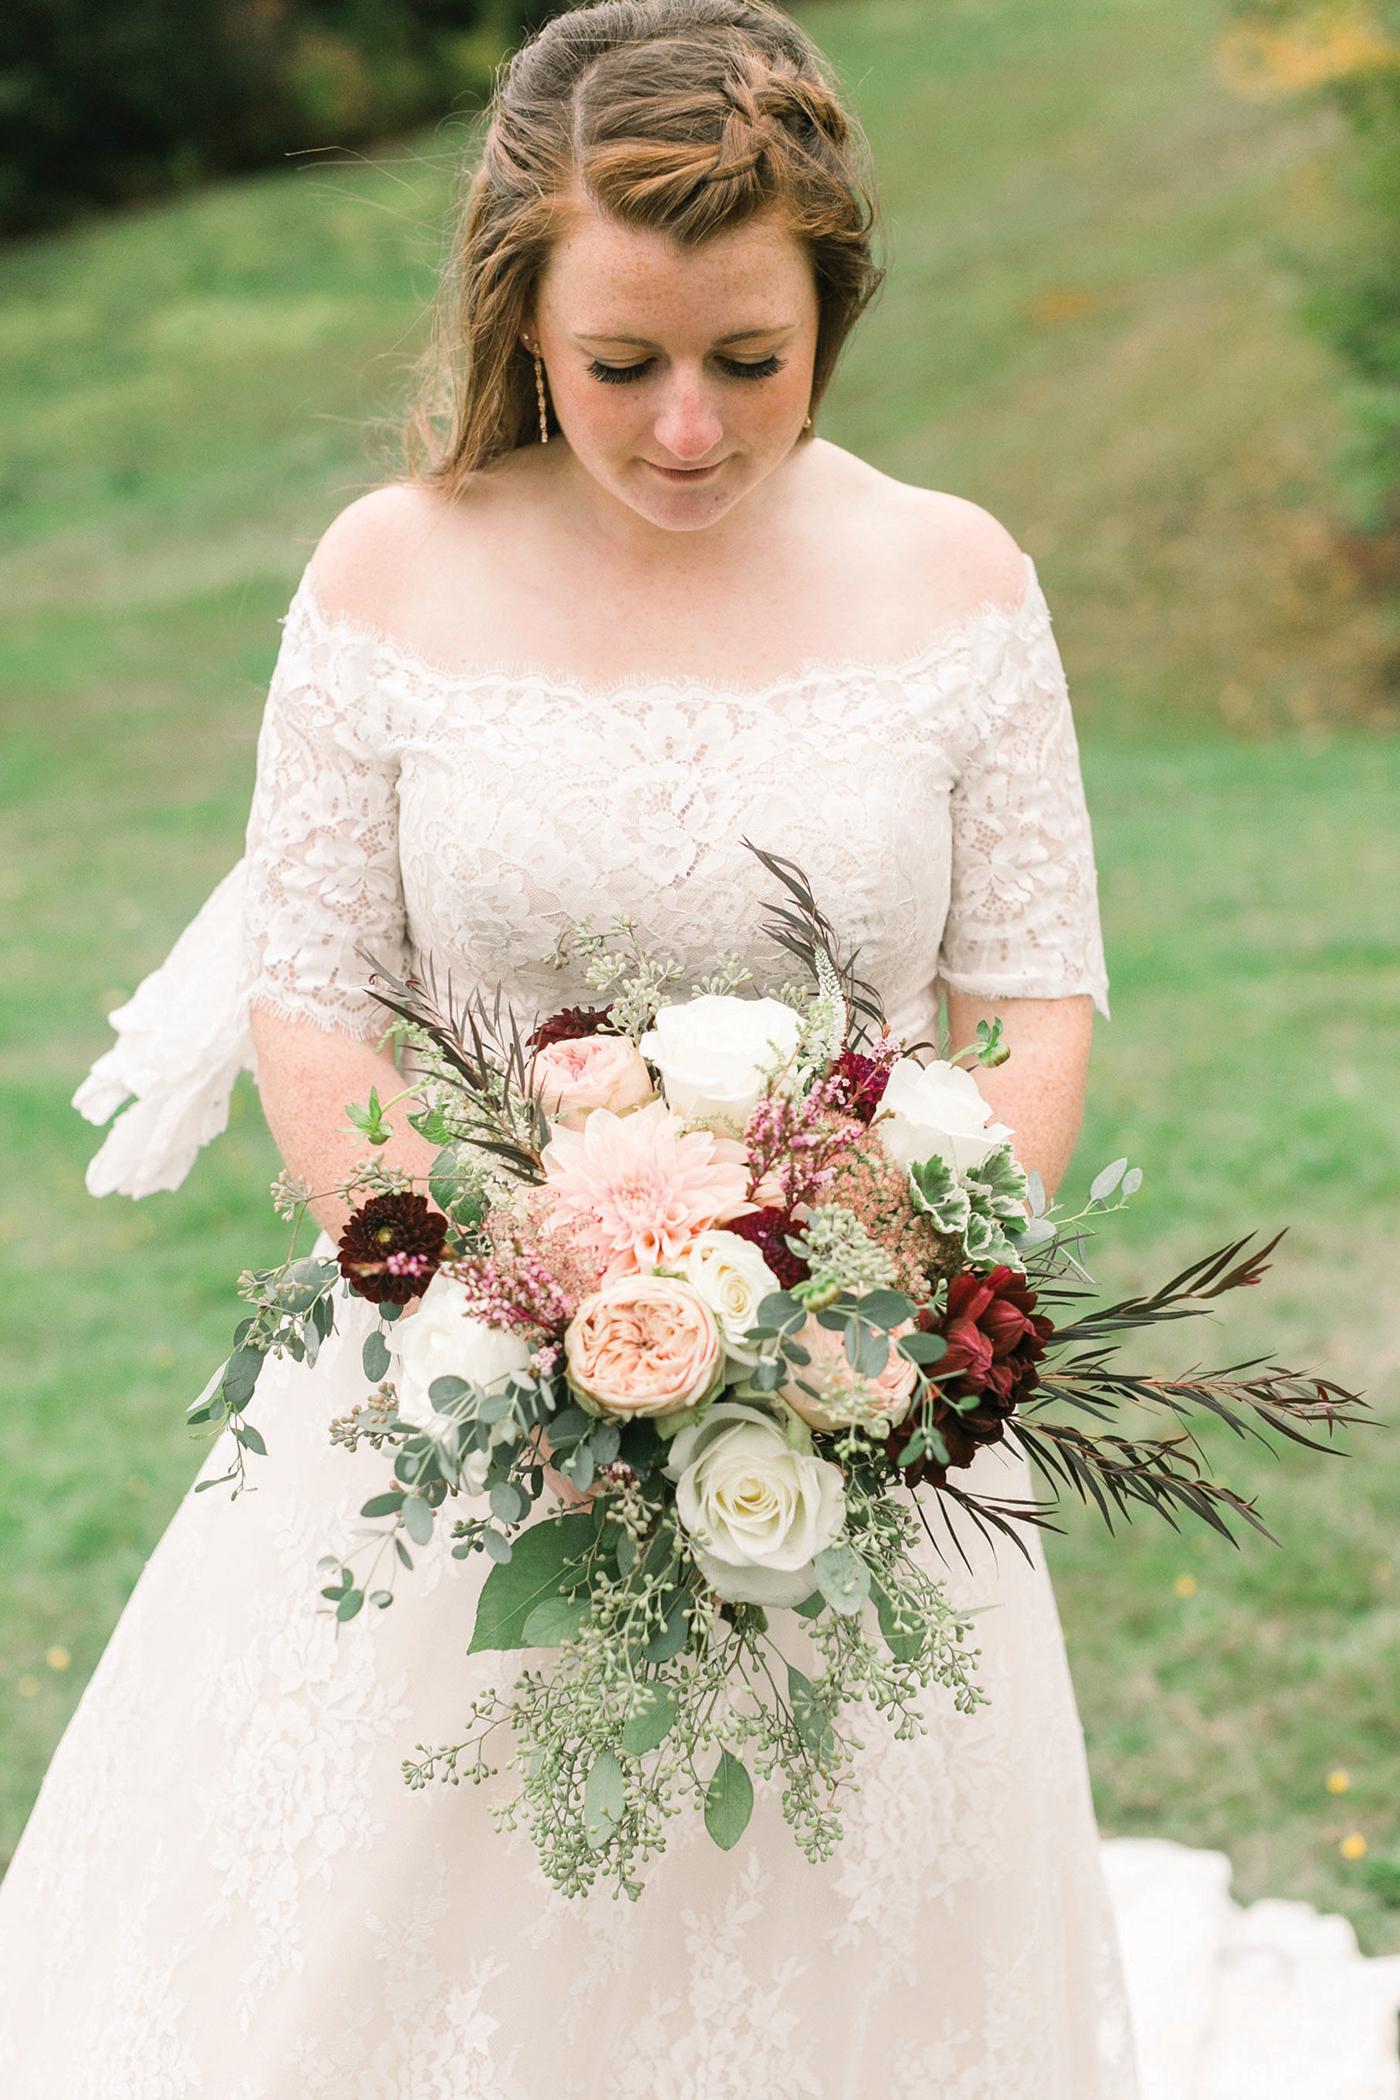 View More: Https://rachelhalsey.pass.us/adams Wedding